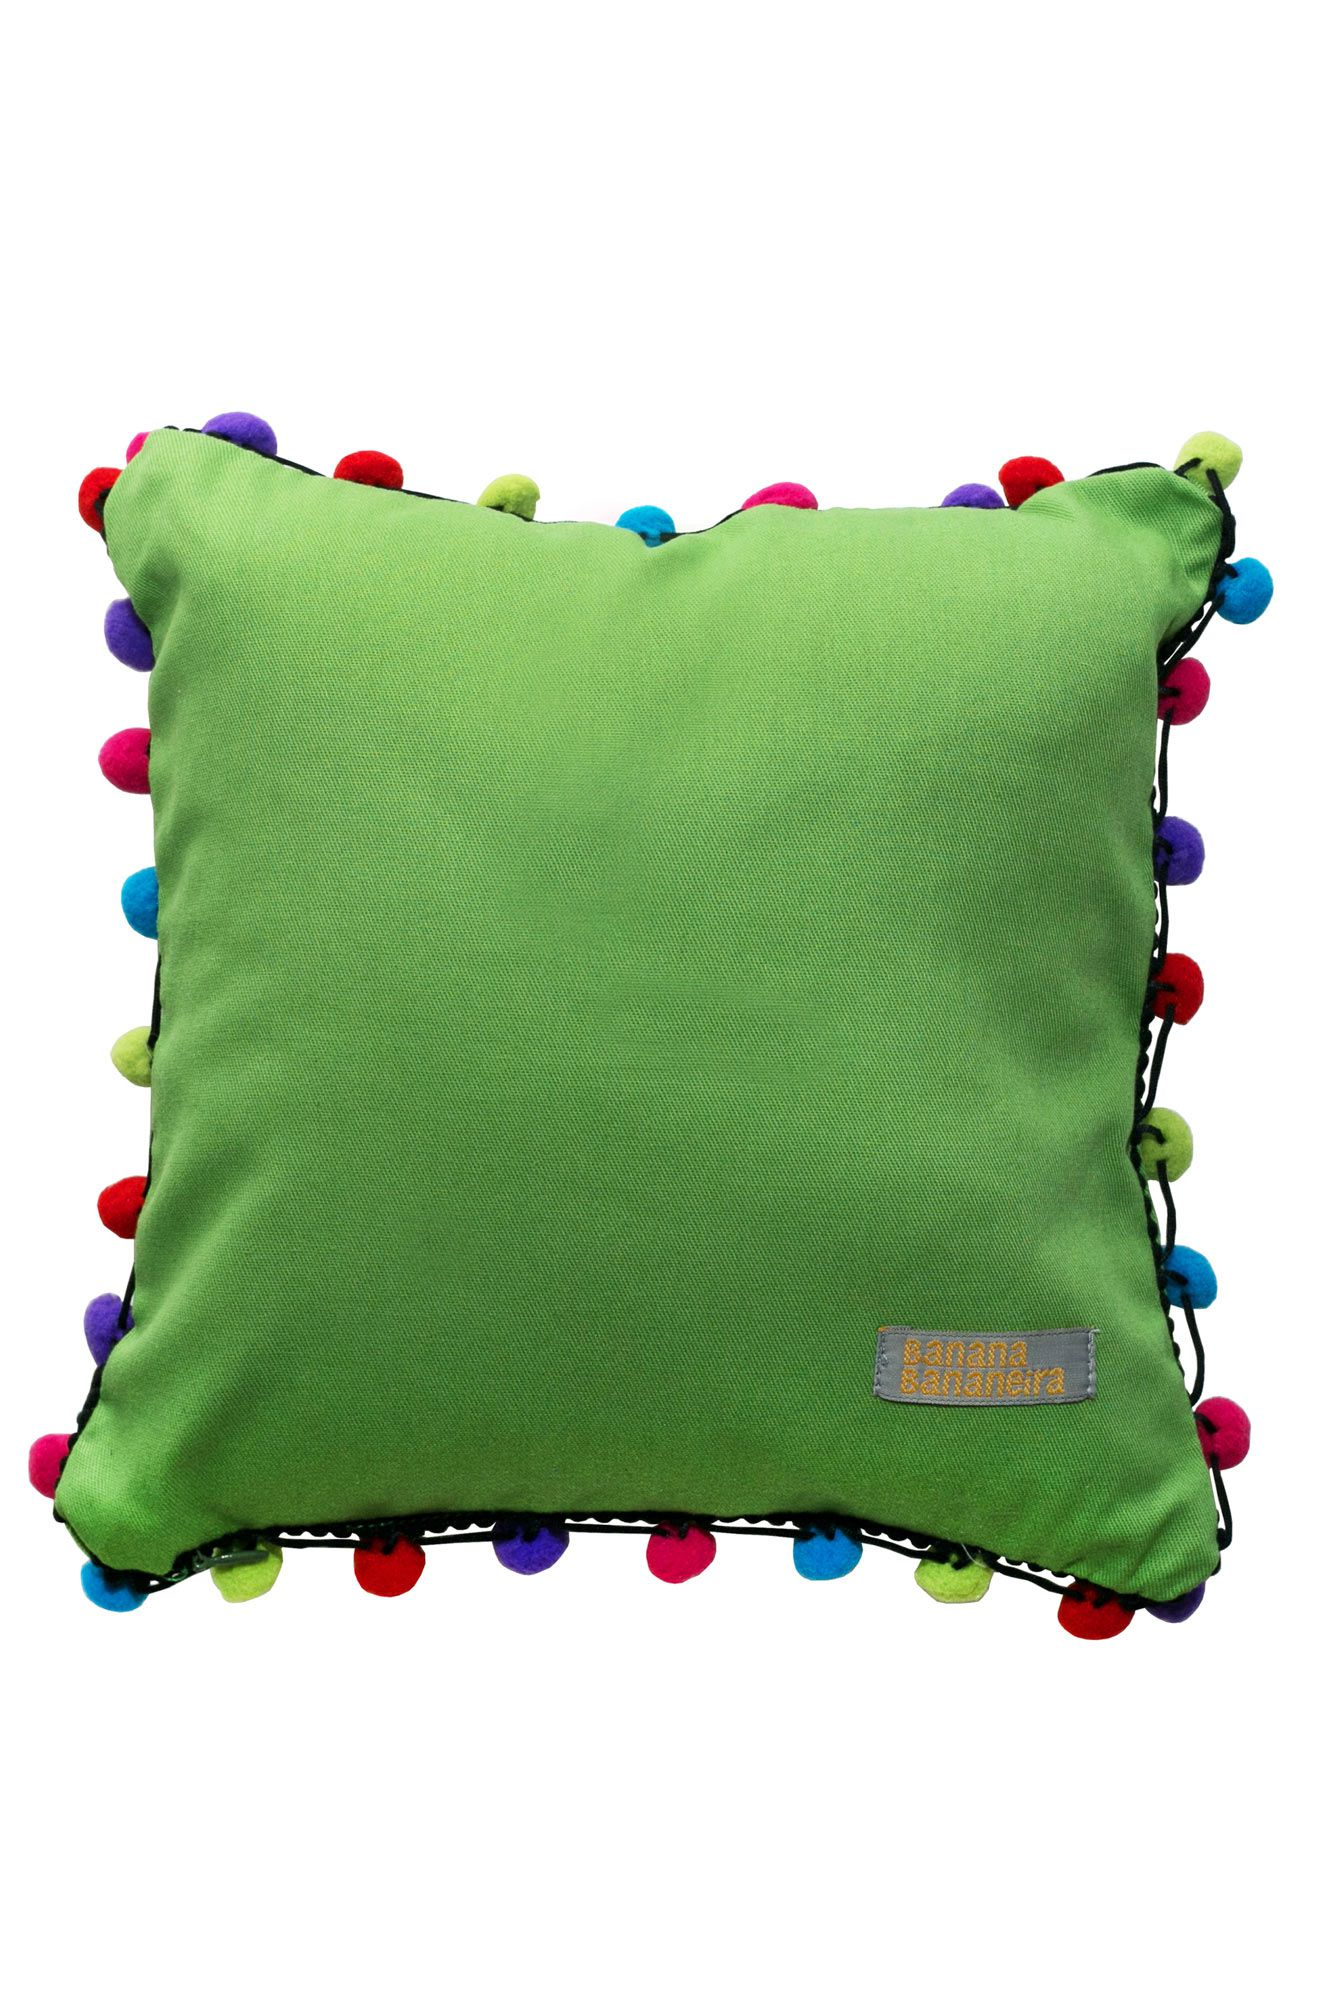 Almofada pompom 25 cm x 25 cm verde